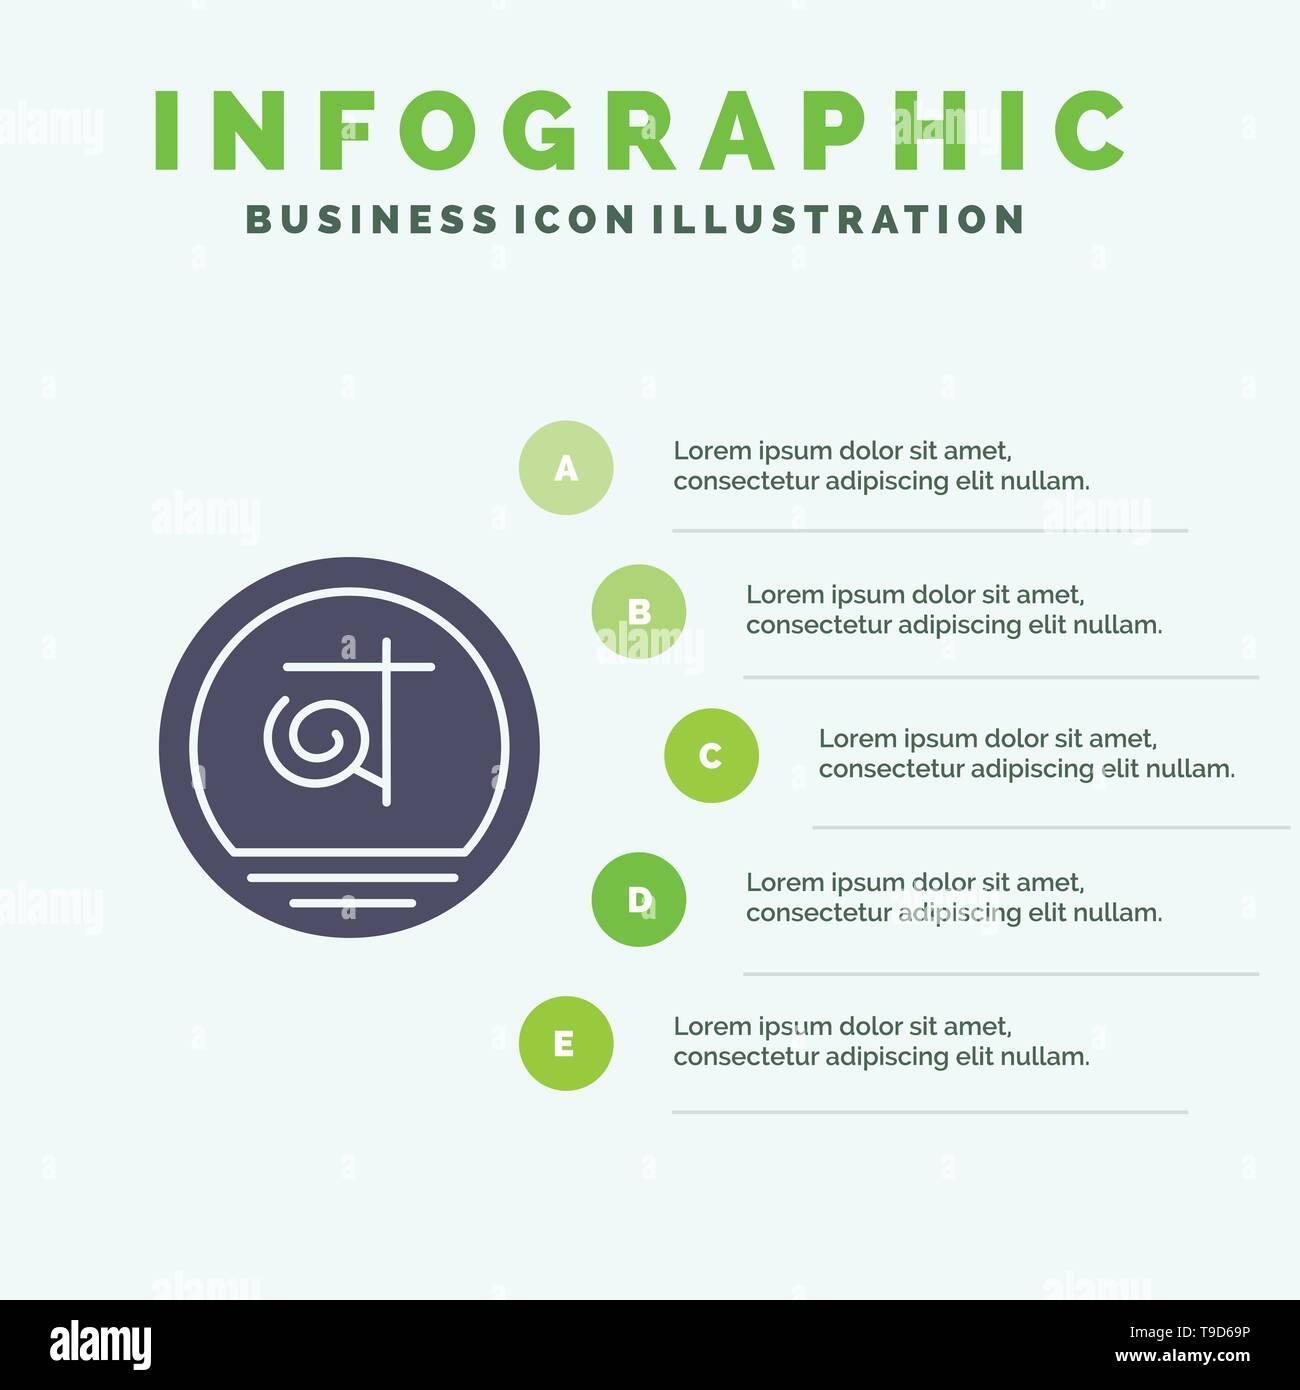 Bangla, Bangladesh, Bangladeshi, Business Solid Icon Infographics 5 Steps Presentation Background - Stock Image